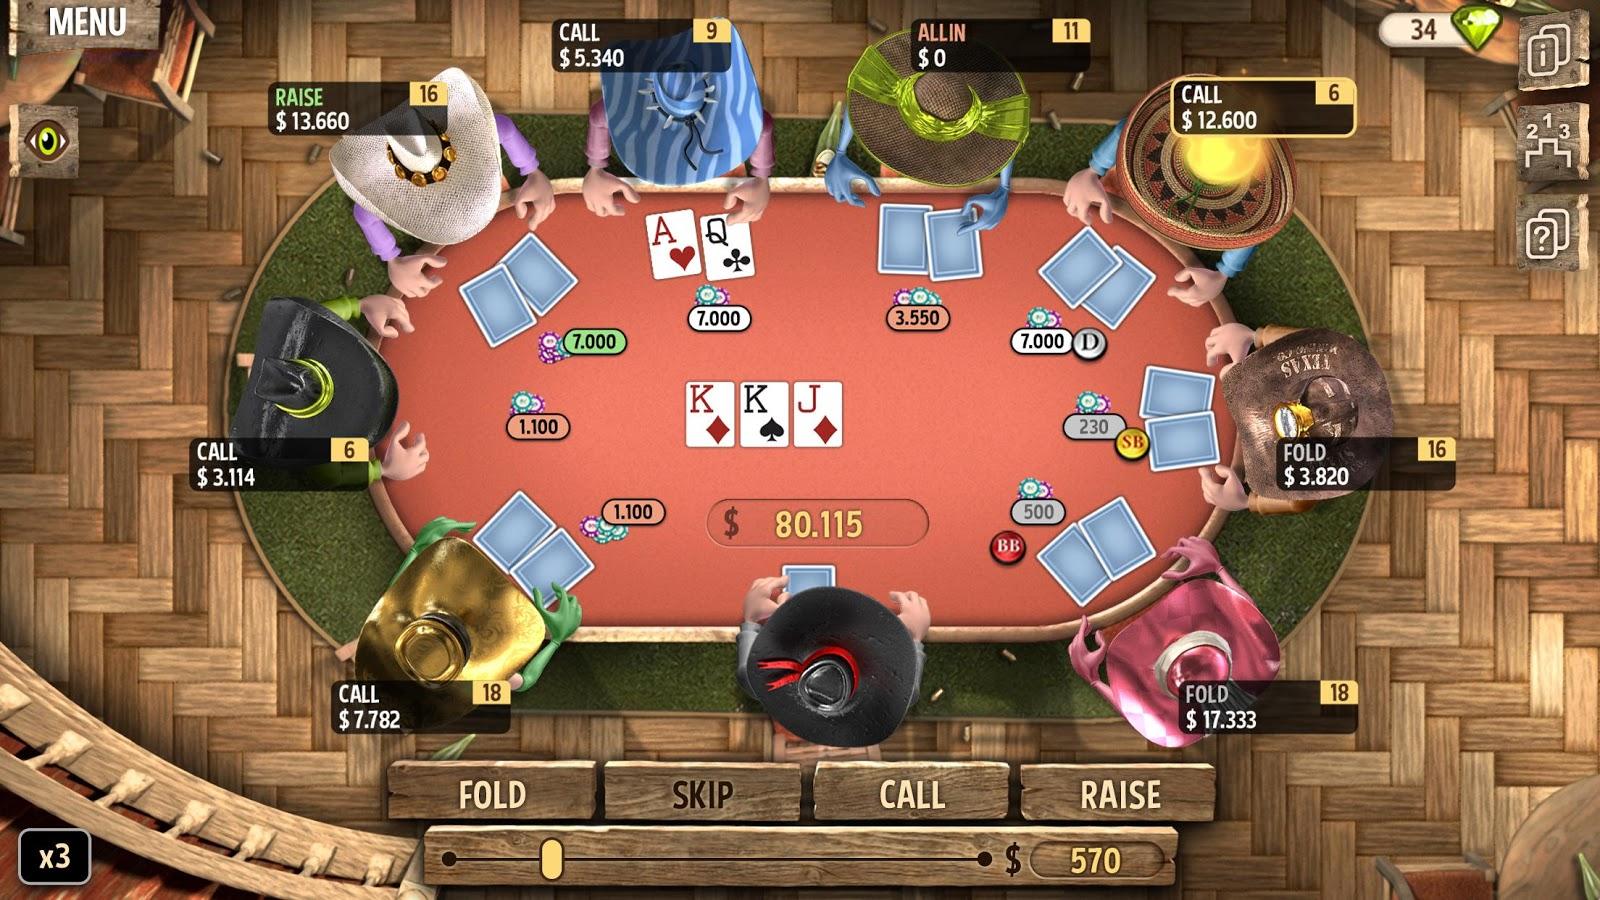 Губернатор покера играть онлайн на русском языке gta san andreas как выигрывать в казино